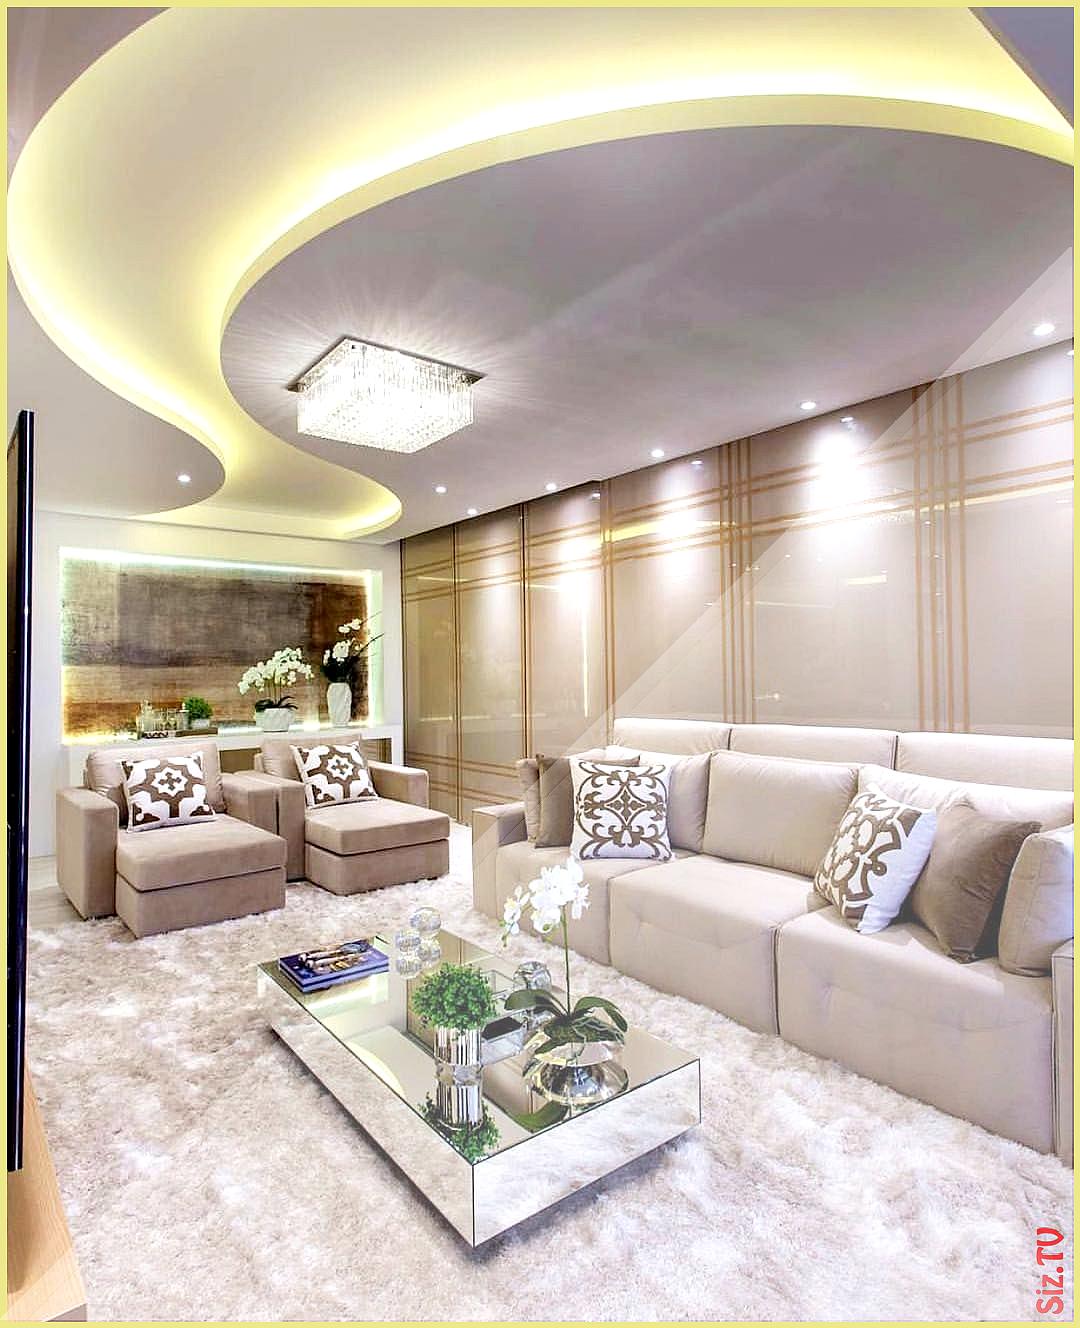 16 Surprising False Ceiling Design India Ideas 16 Surprising F